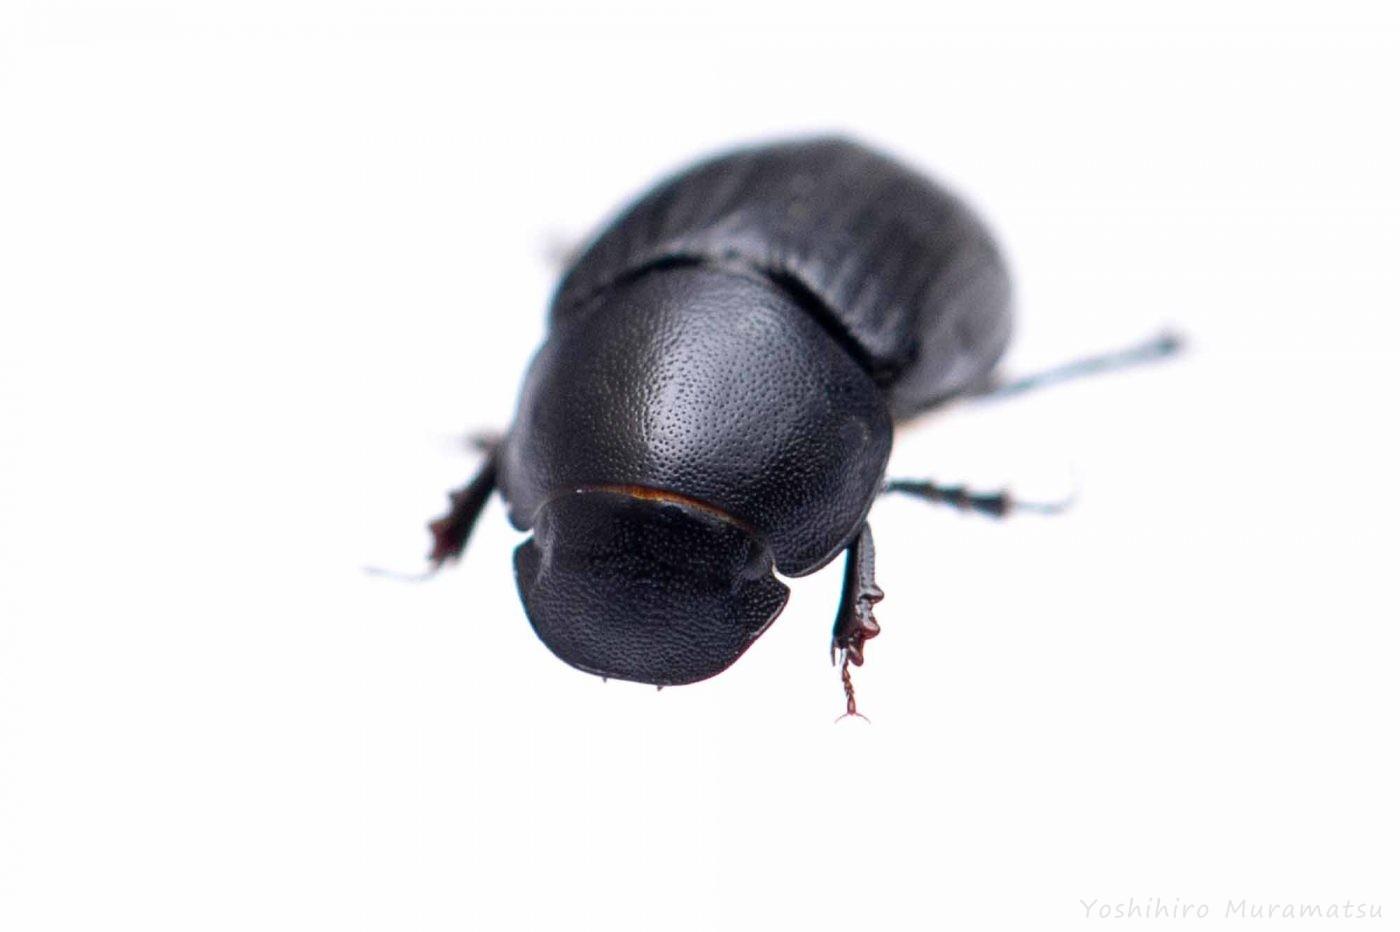 クロツヤマグソコガネの写真